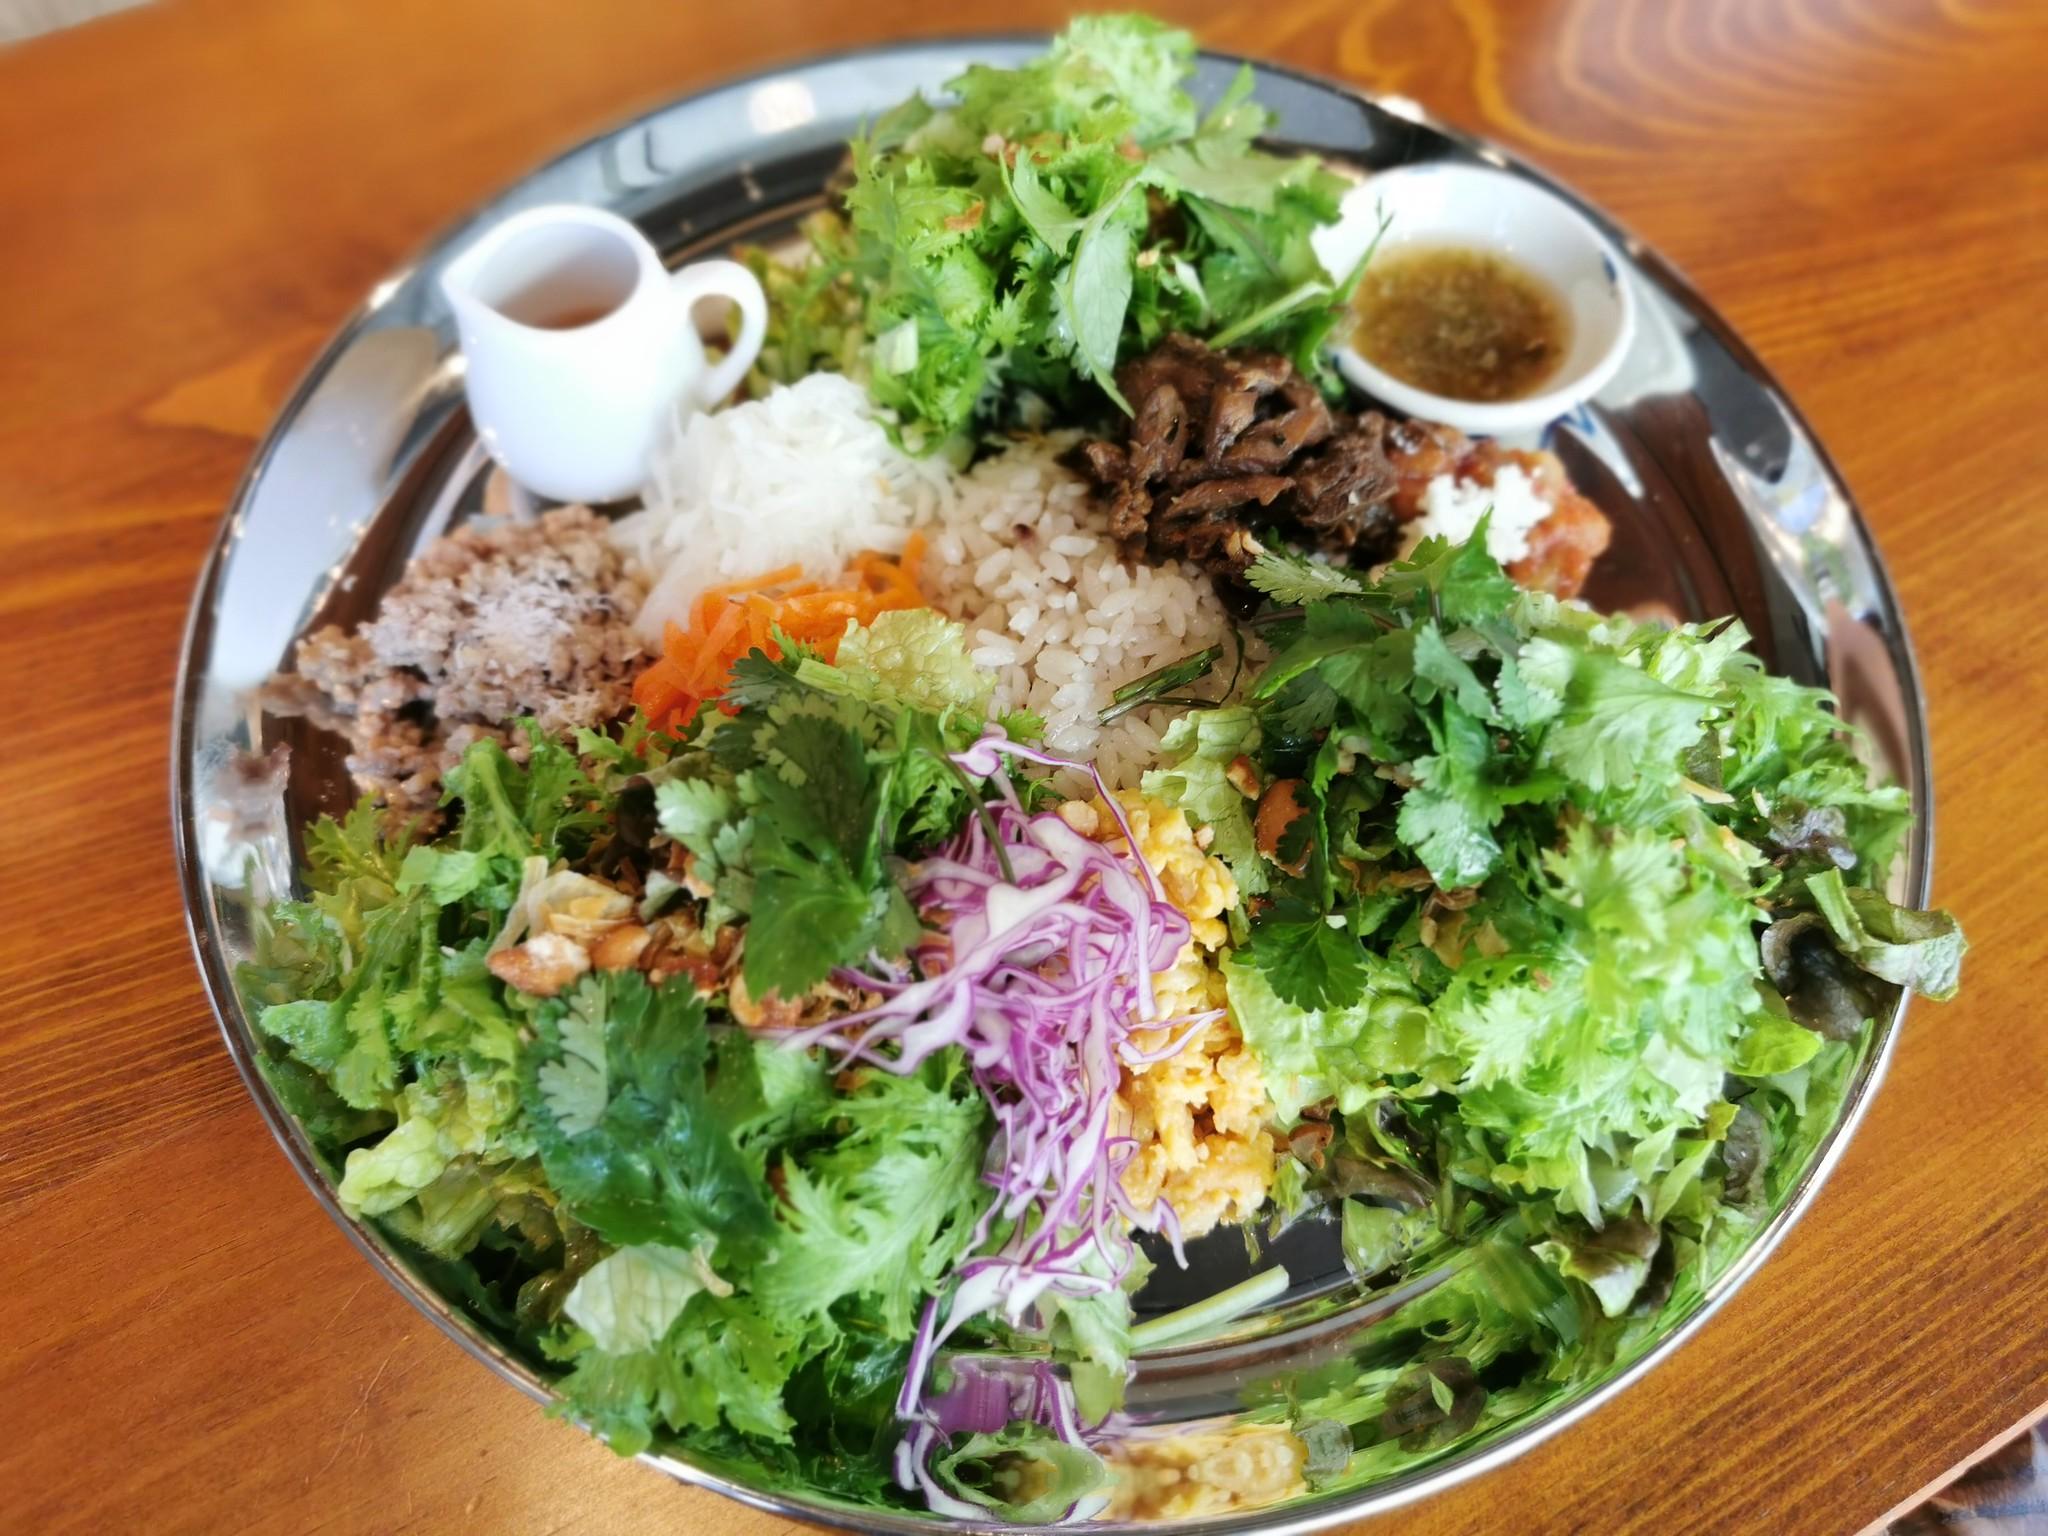 【祖師ヶ谷大蔵】ネムクリュ@野菜たっぷりランチは圧巻。カウンターでいただくカラフルなベトナムフレンチ。